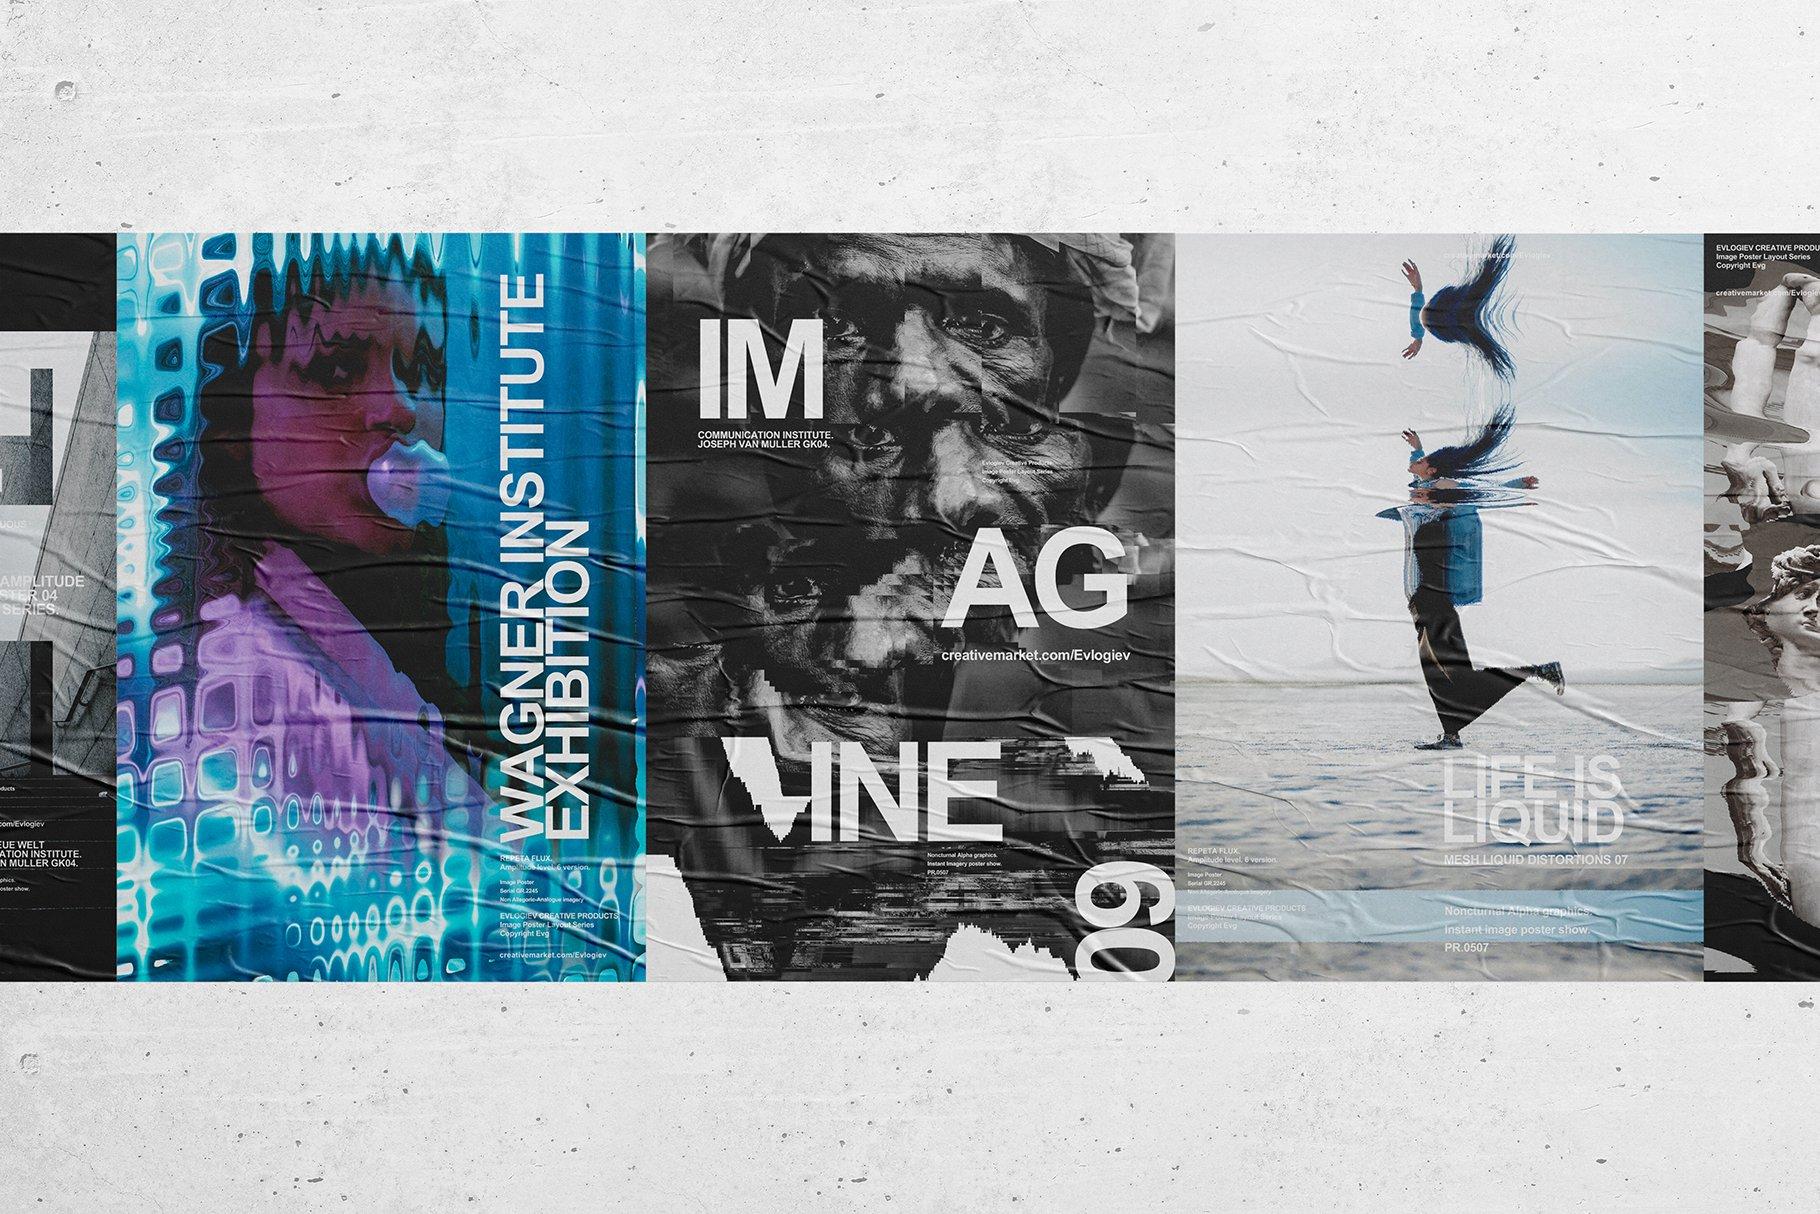 [淘宝购买] 20款抽象扭曲故障主视觉海报图片设计效果PS样式模板 Evlogiev – Distort Image Poster插图(4)